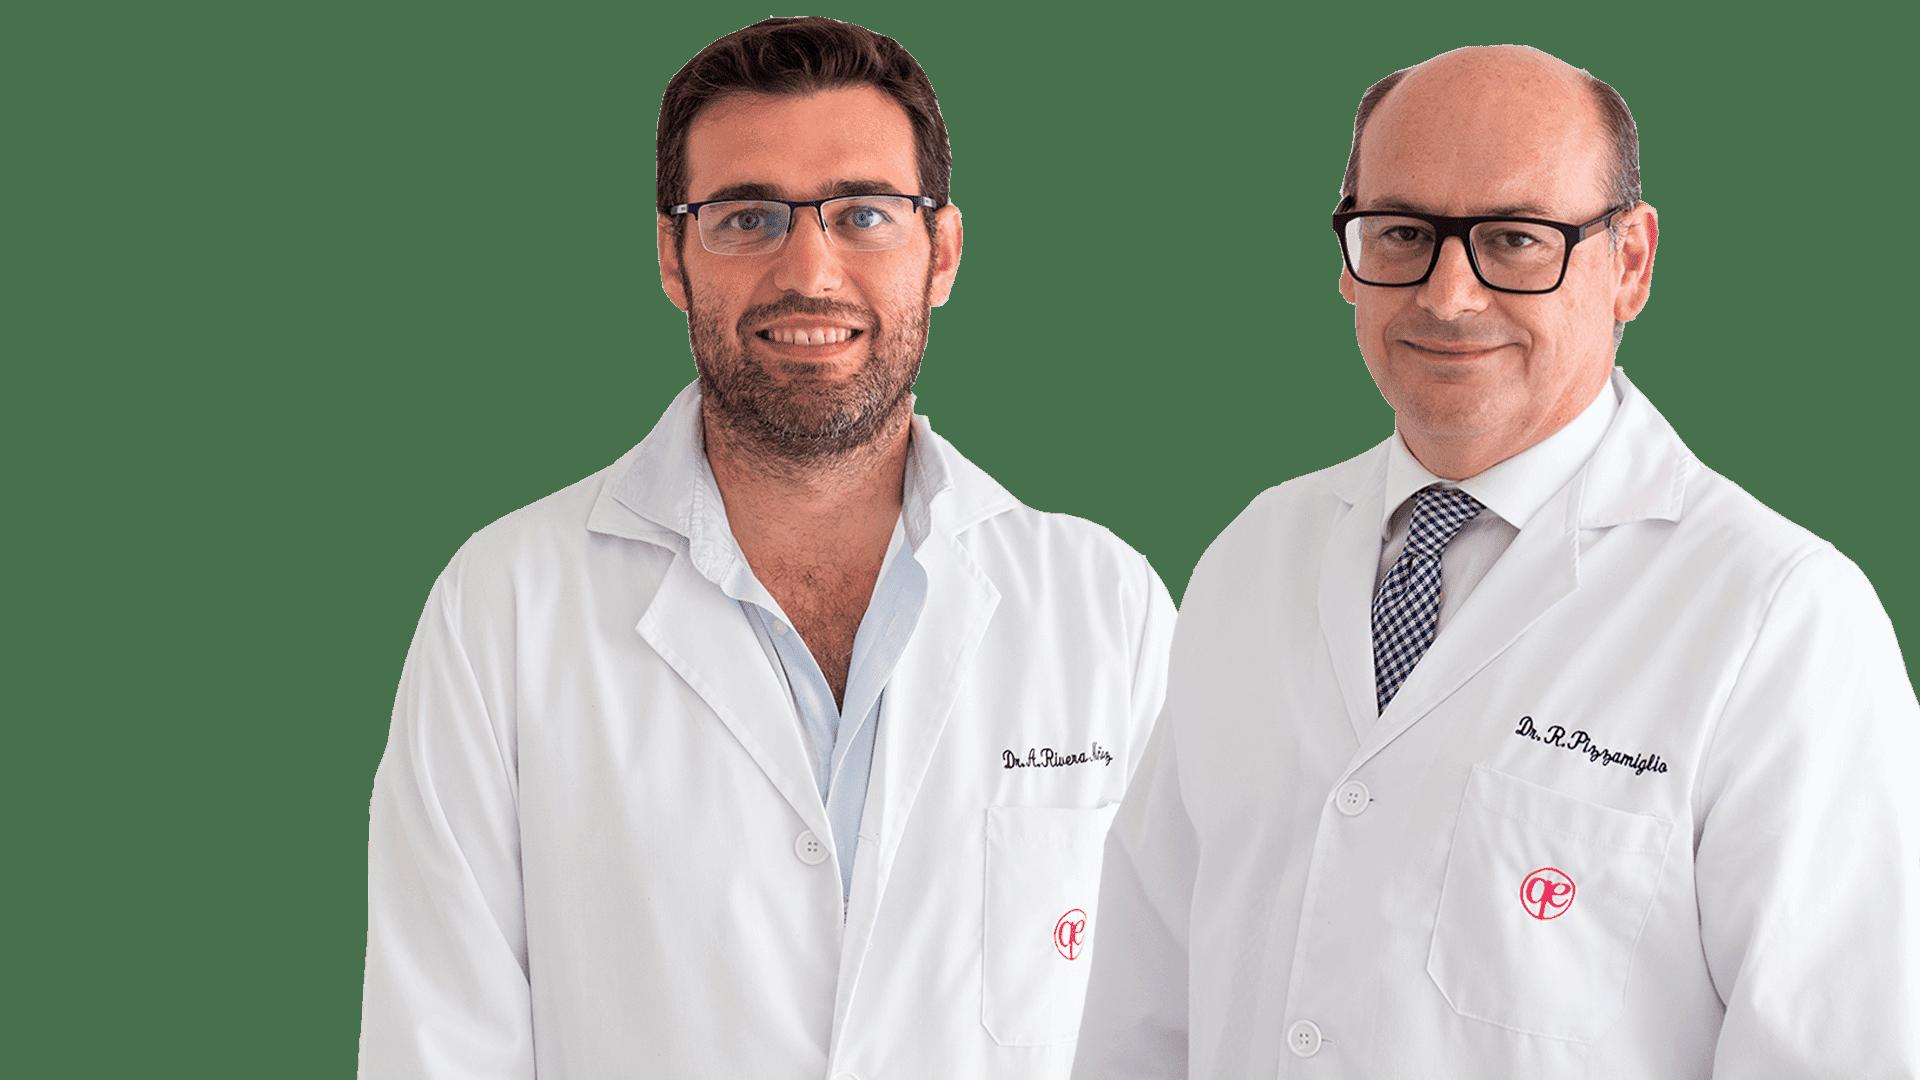 dr-antonio-rivera-dr-roberto-pizzamiglio-quirestetica